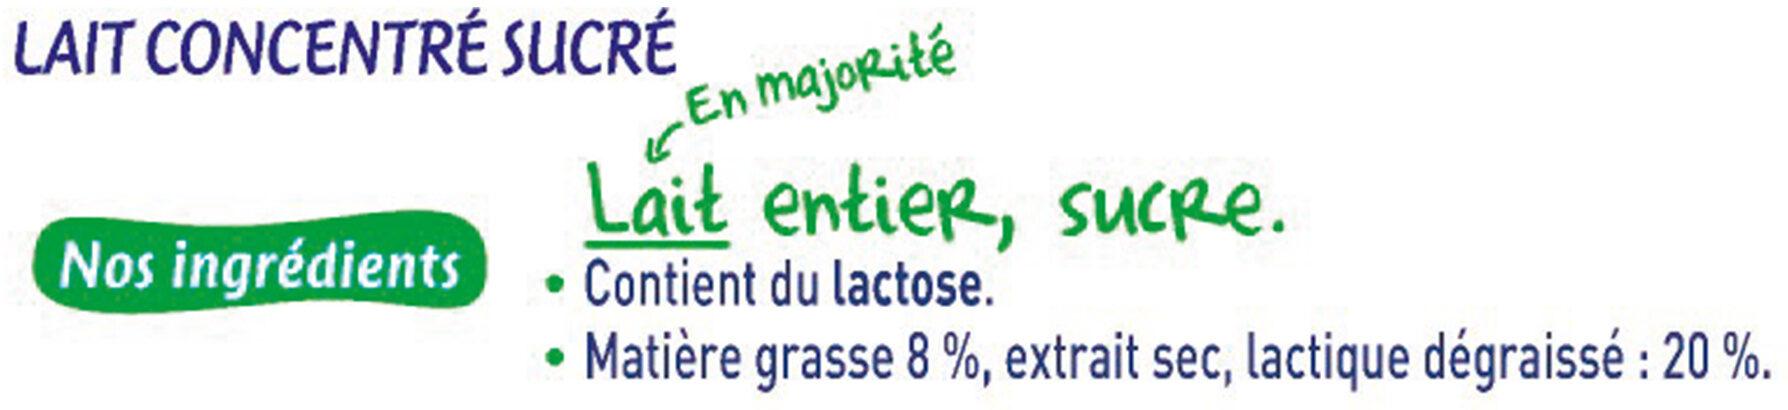 NESTLE Lait Concentré Sucré lait entier 2 tubes de 170g - Ingredienti - fr